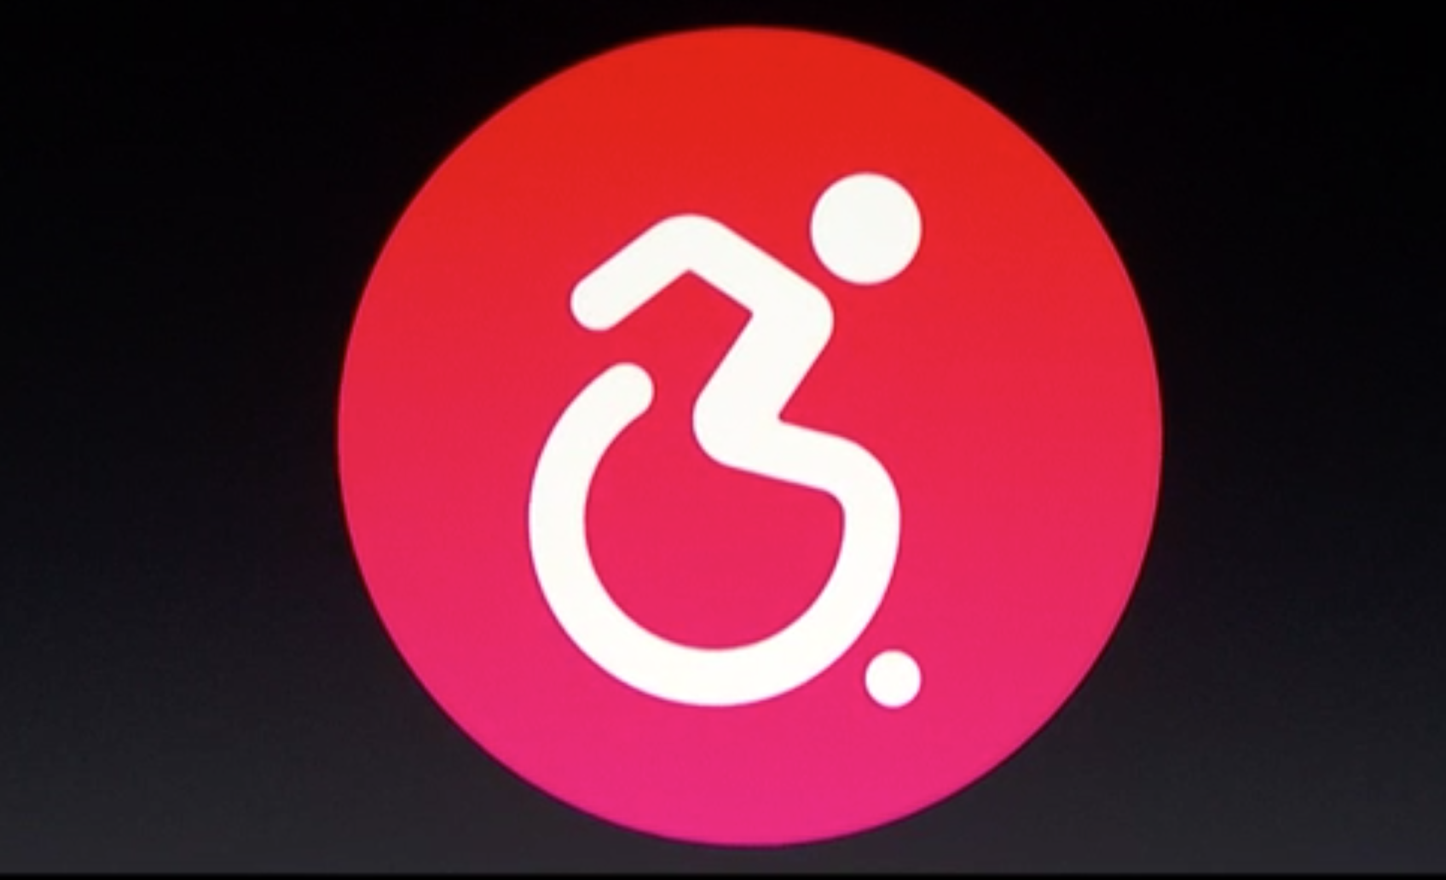 WatchOS 3 Apple WWDC 2016